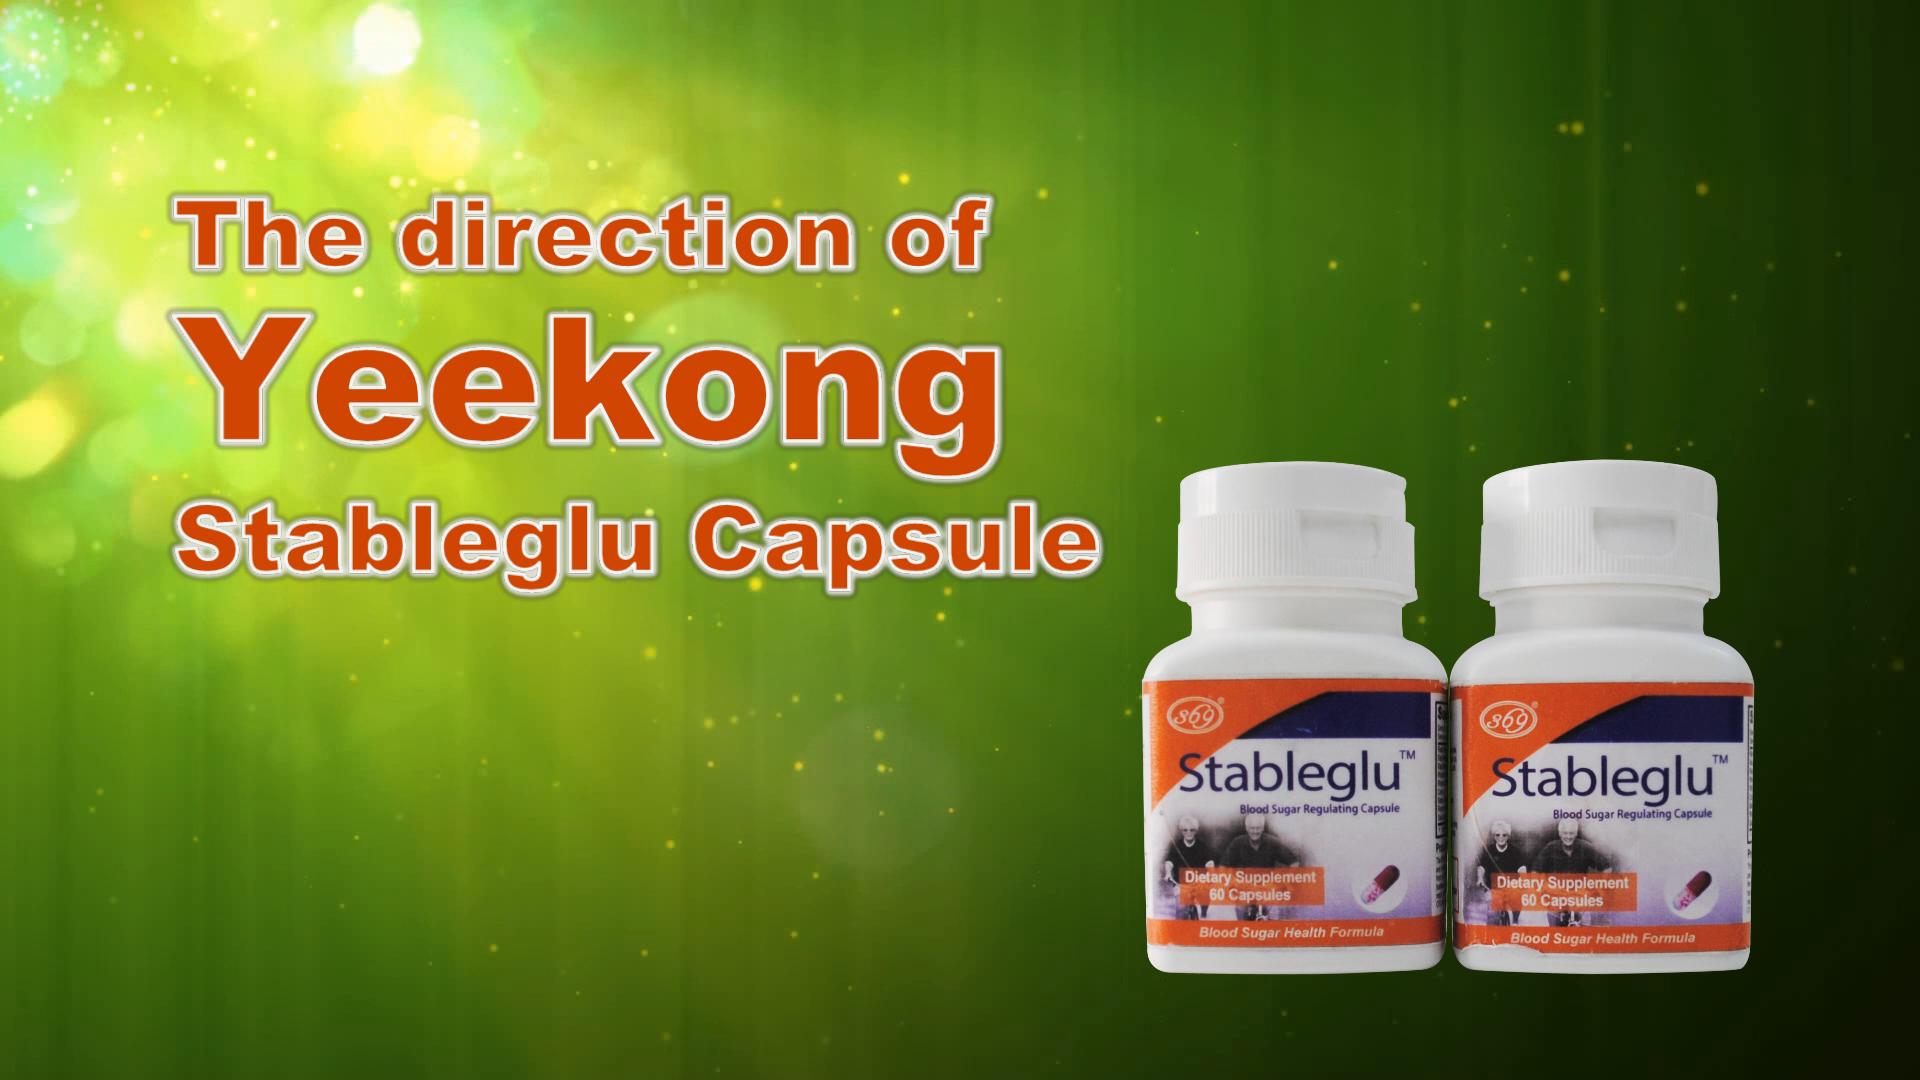 Stableglu カプセル制御正規抗高血糖糖尿病を防ぐハーブ医学